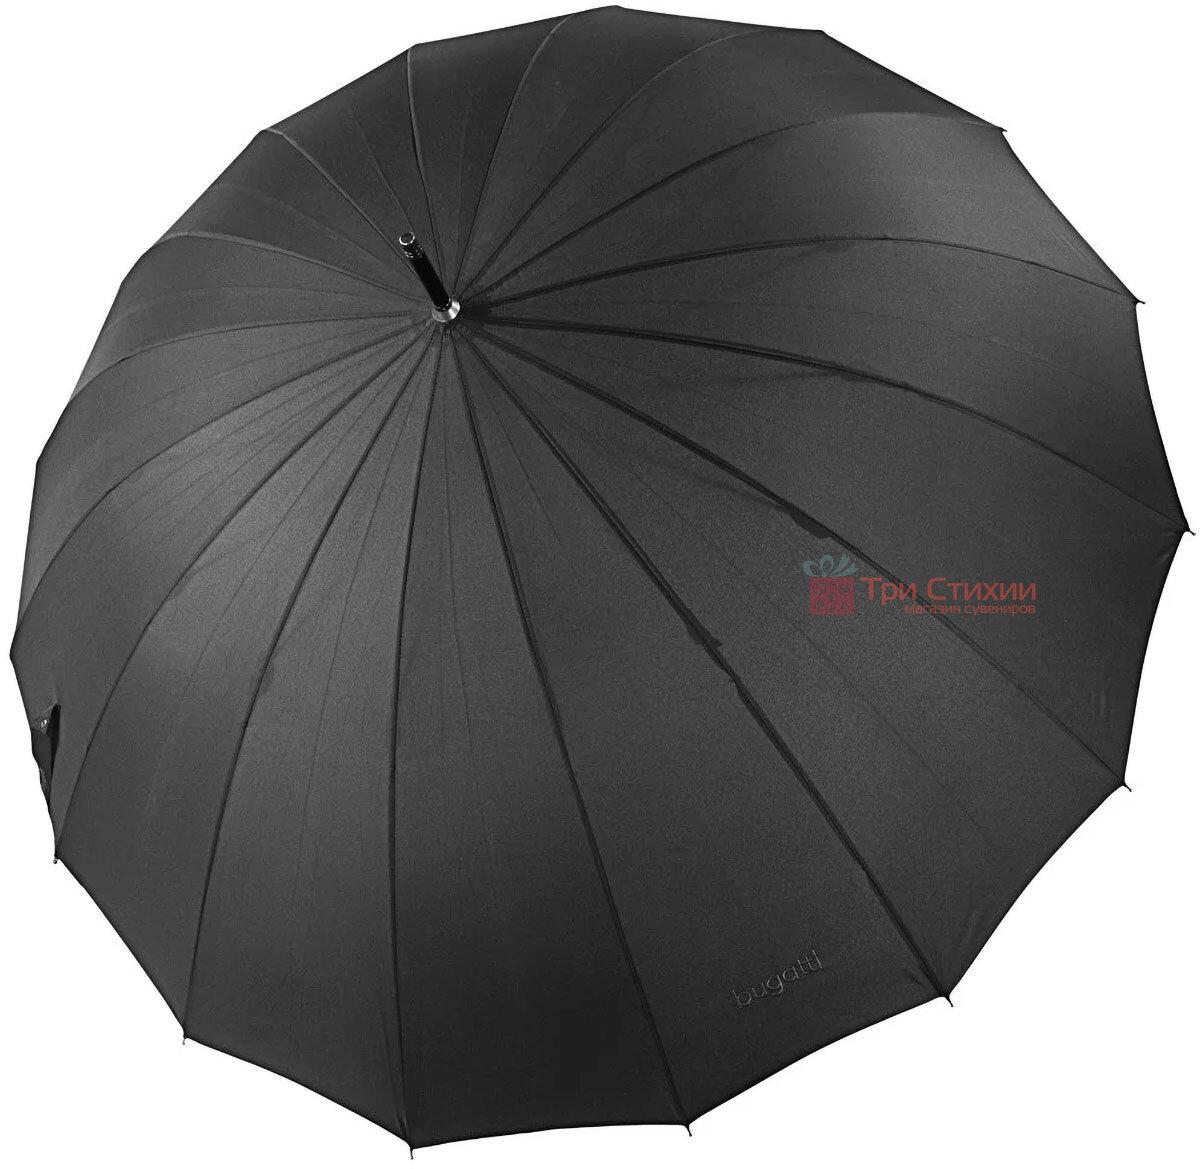 Зонт-трость Bugatti 71763BU001 механический Черный, фото